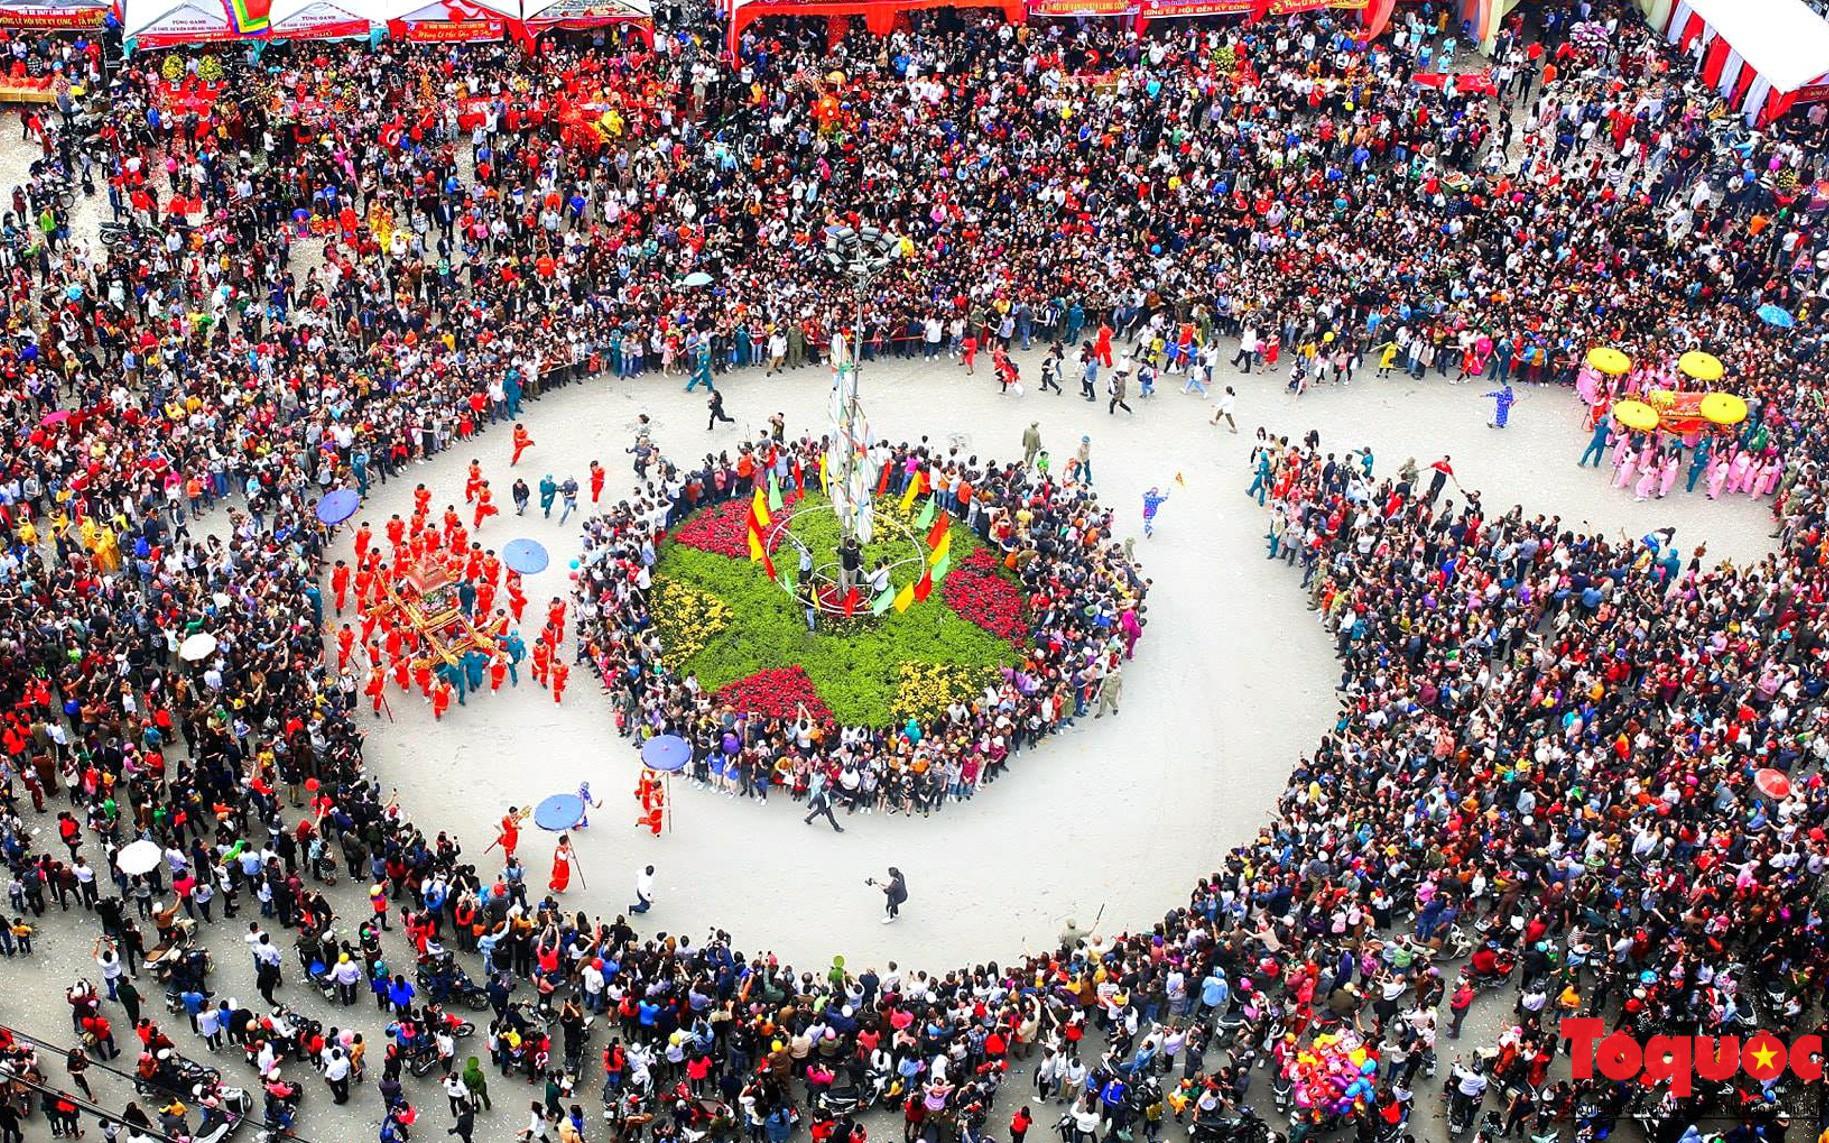 Hàng ngàn người đổ về đường phố Lạng Sơn tham gia lễ hội lớn nhất Năm